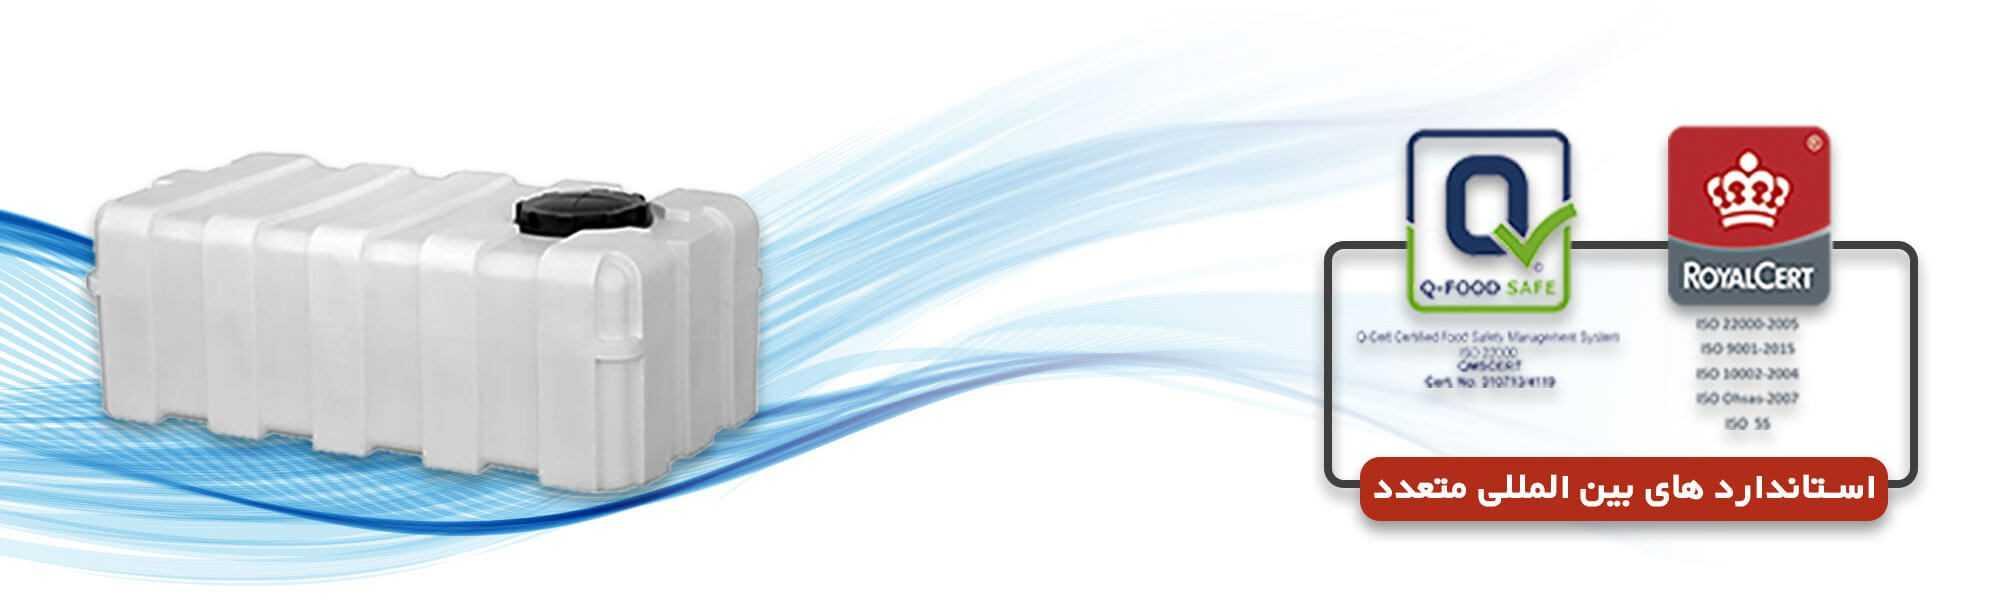 محصولات فروشگاه البرز مخزن دارای استانداردهای بین المللی متعدد